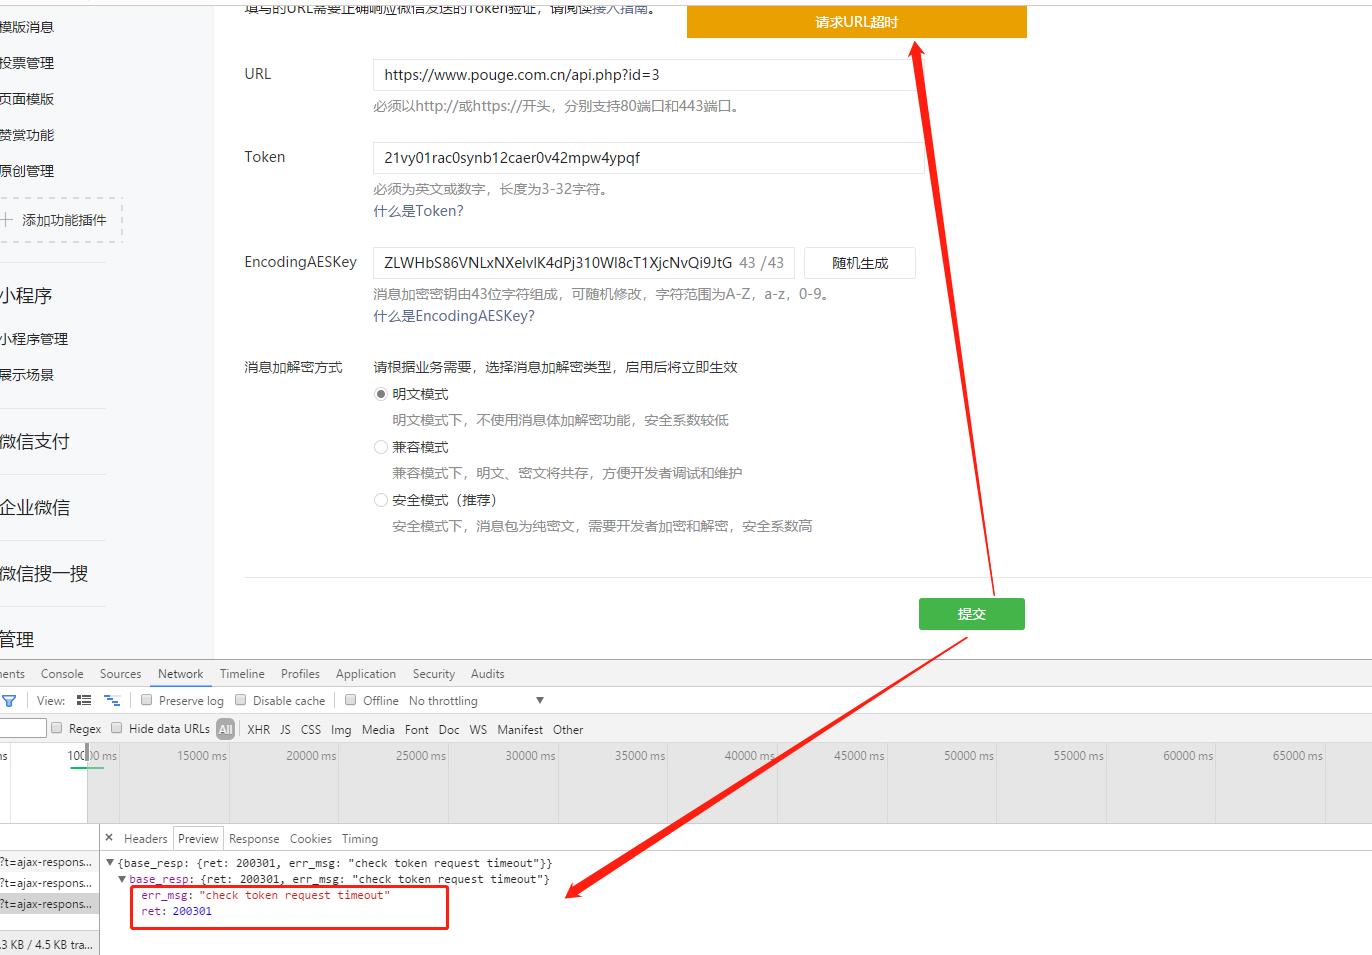 """微信公众号修改配置报错""""提交URL超时""""和check token request timeout解决方法"""